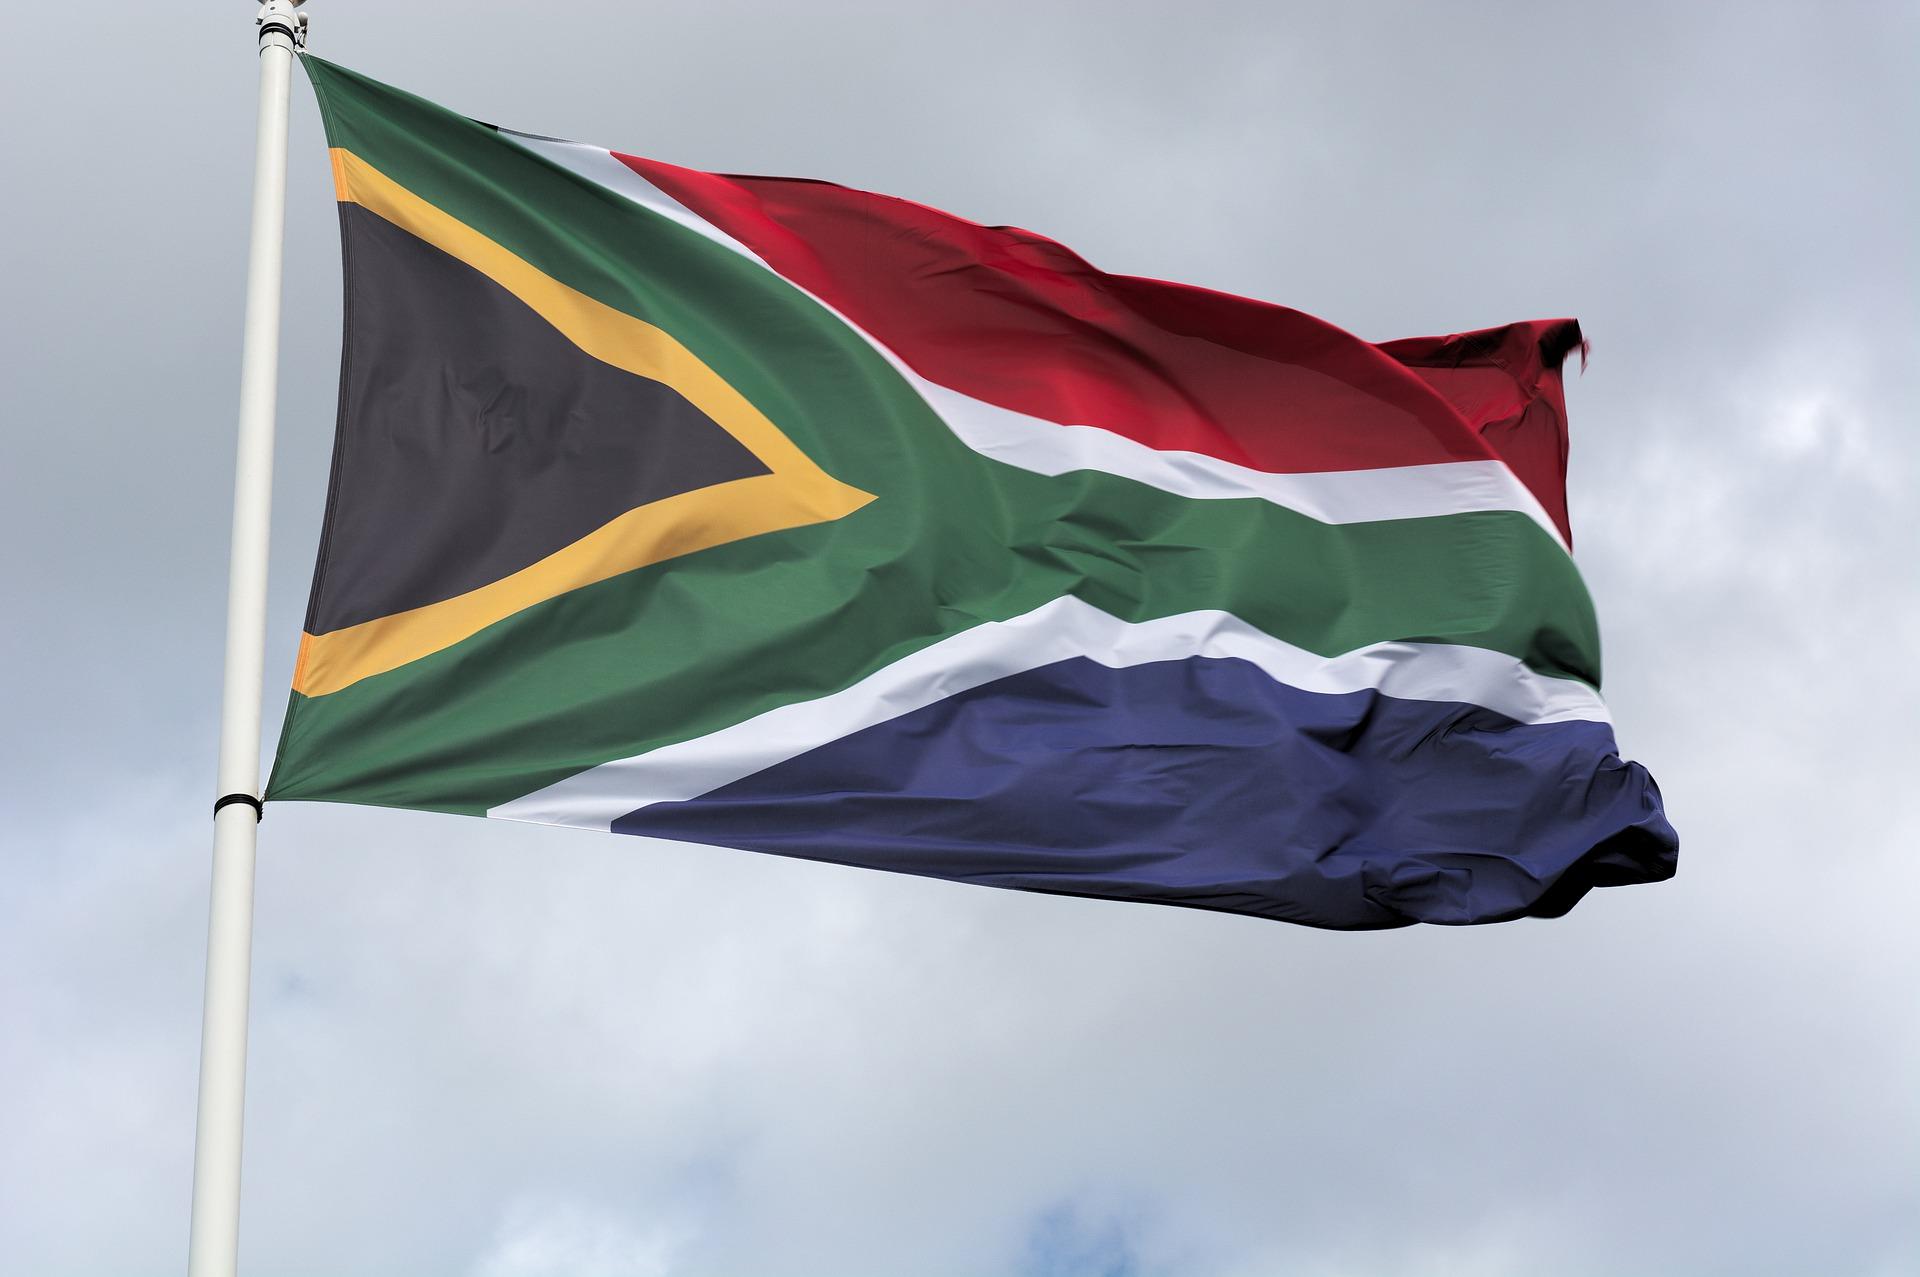 Jihoafrická republika: Kdy a kam vyrazit?